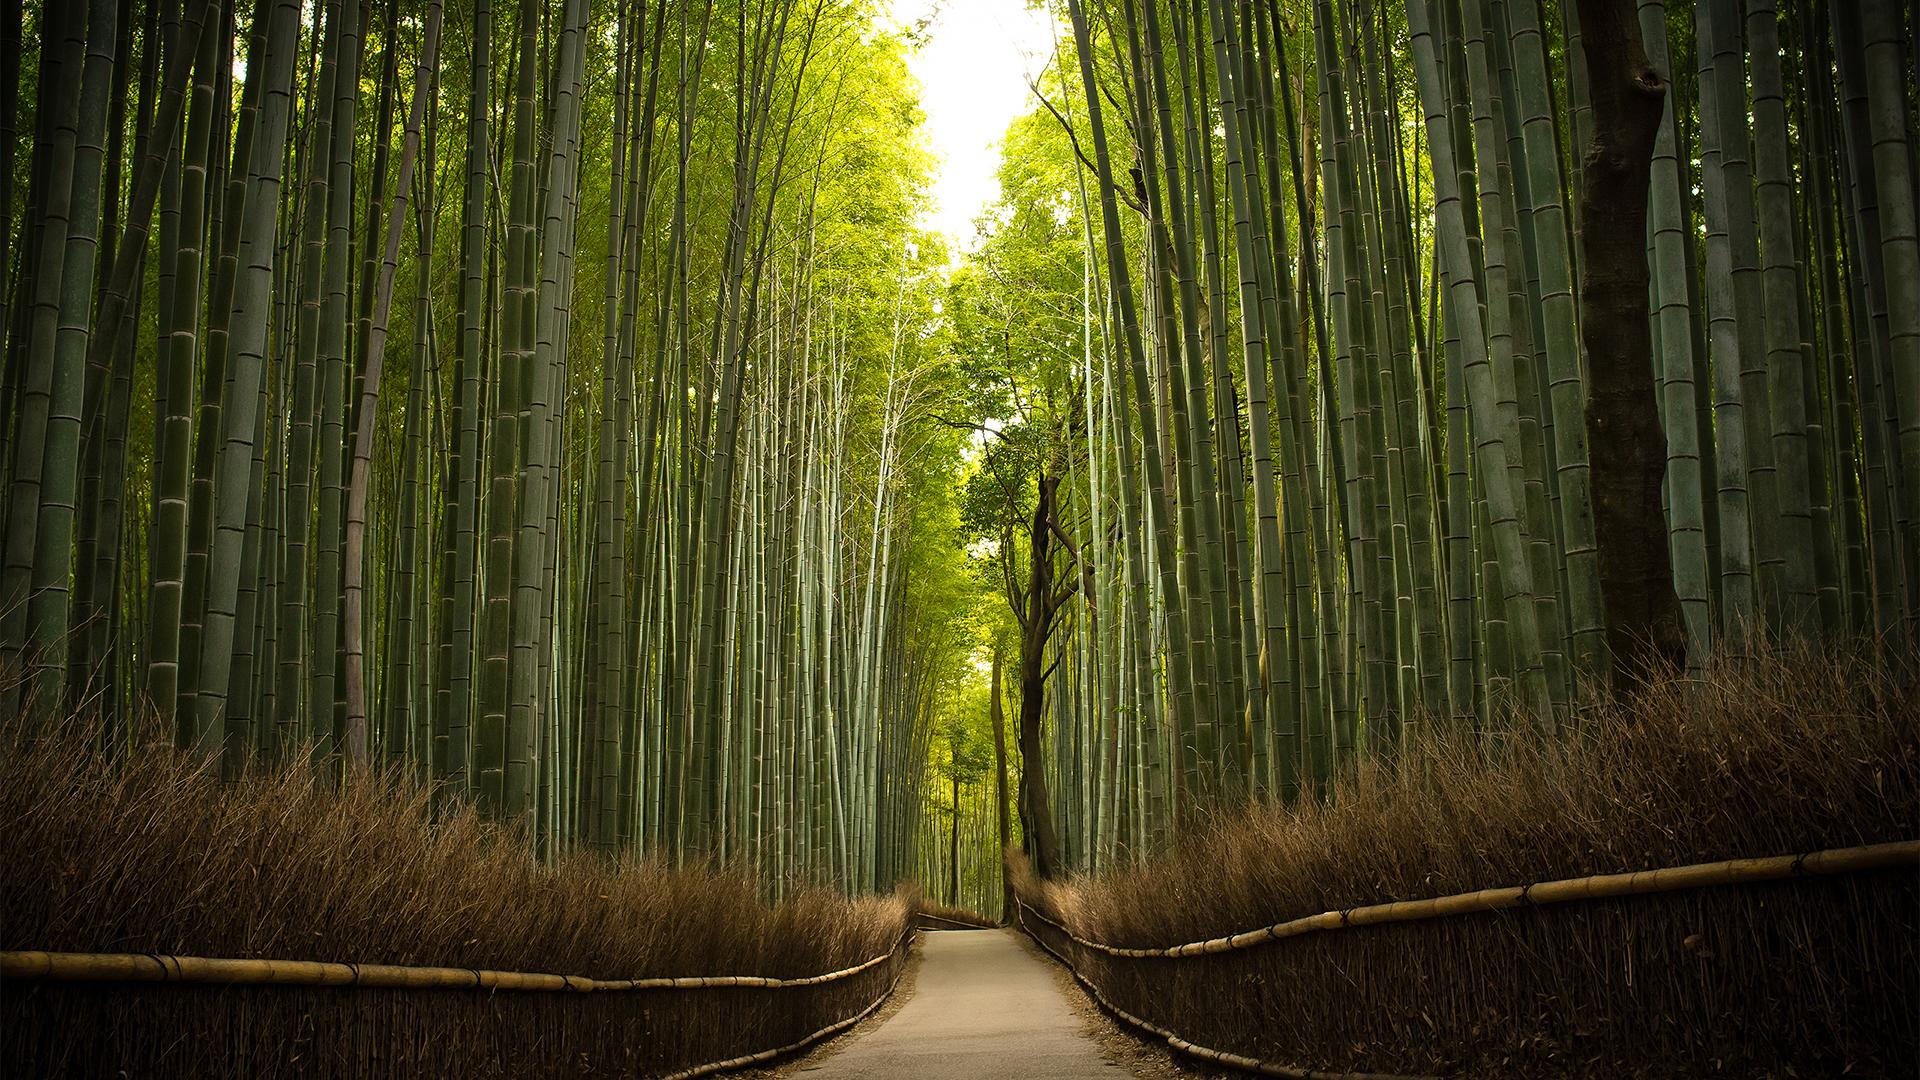 Bambusmets